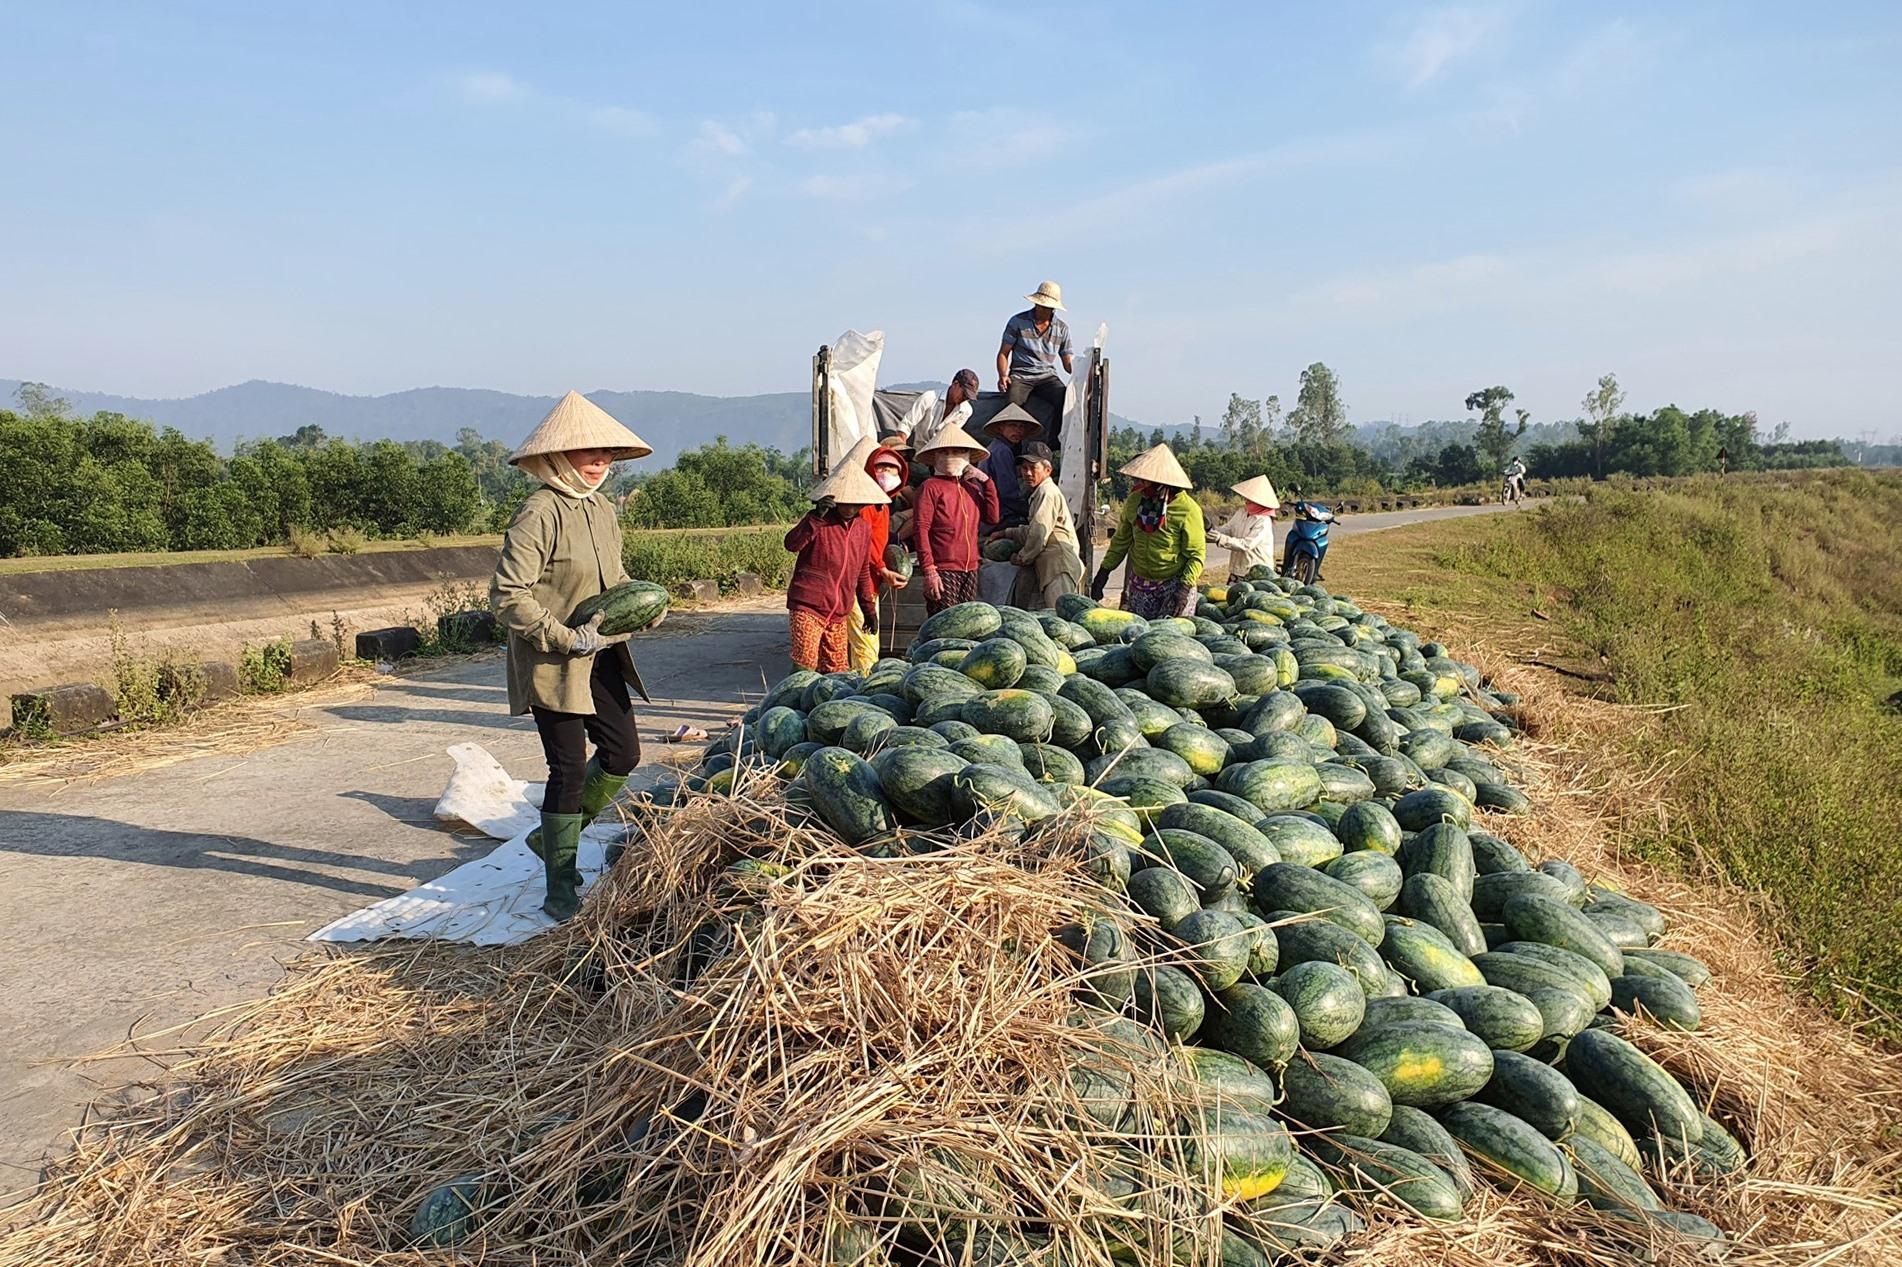 Thời gian qua, do nhiều địa phương thực hiện giãn cách xã hội, việc tiêu thụ nông sản của nông dân trên địa bàn tỉnh gặp nhiều khó khăn. Ảnh: N.P